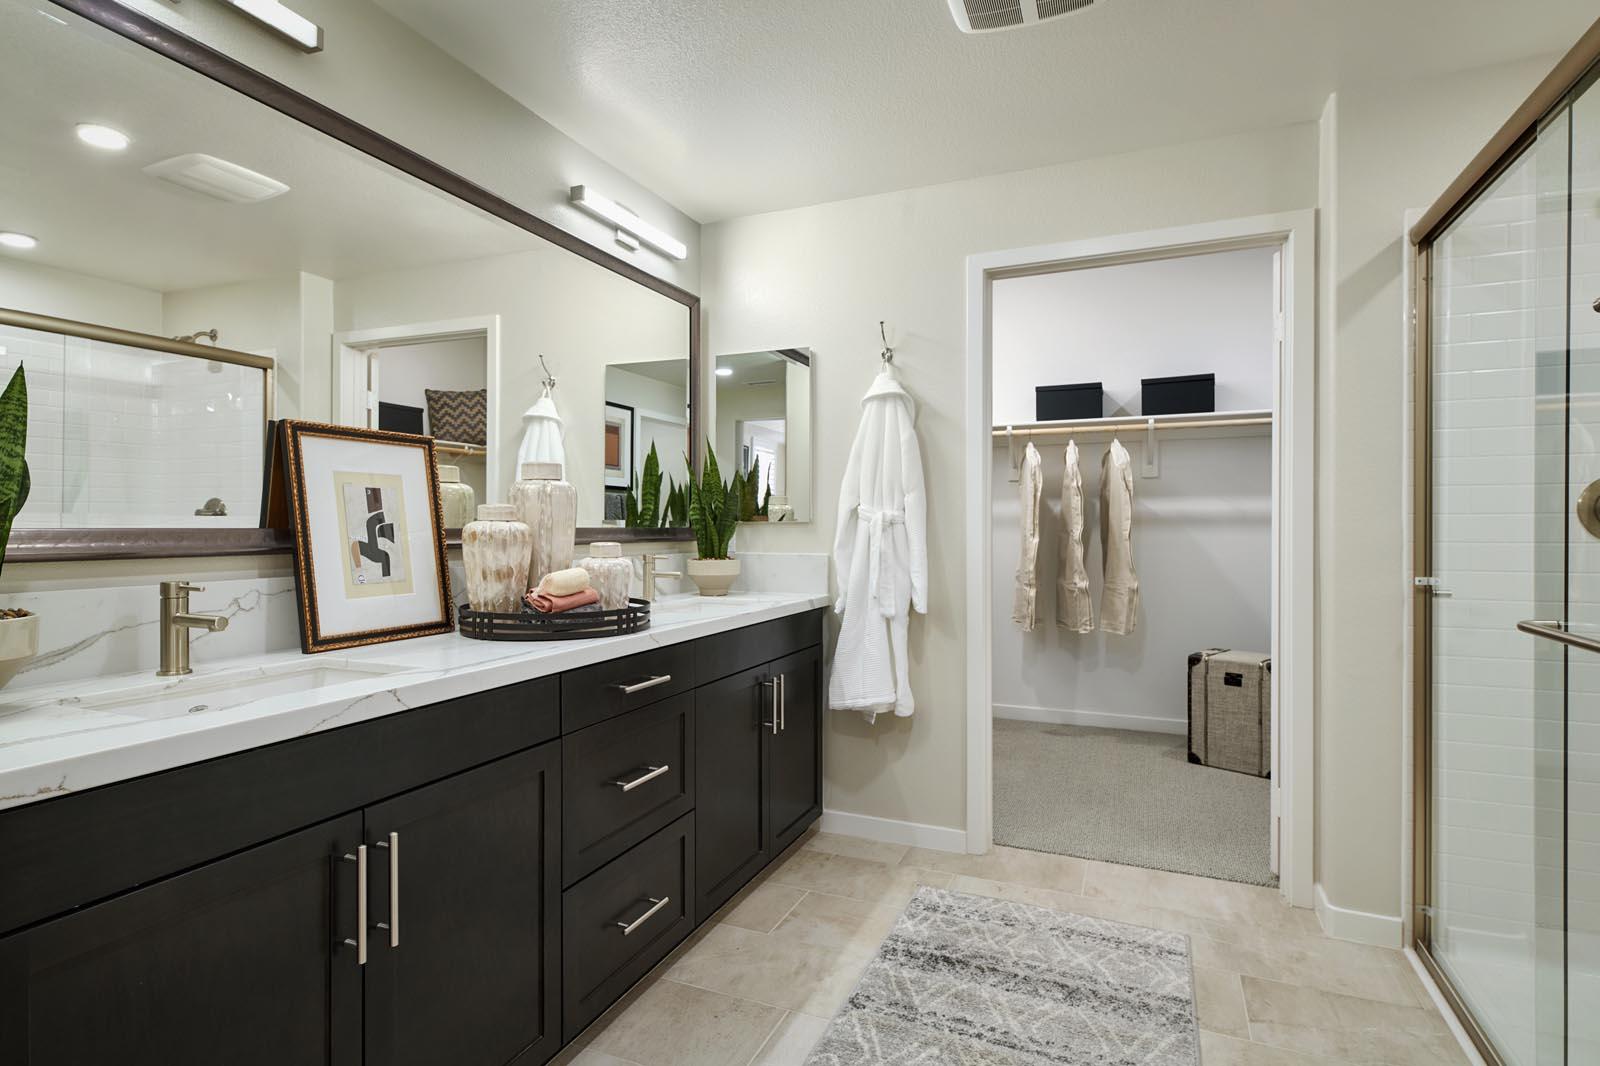 Bathroom | Residence 5 | Aspire | New Homes in Rancho Cucamonga, CA | Van Daele Homes